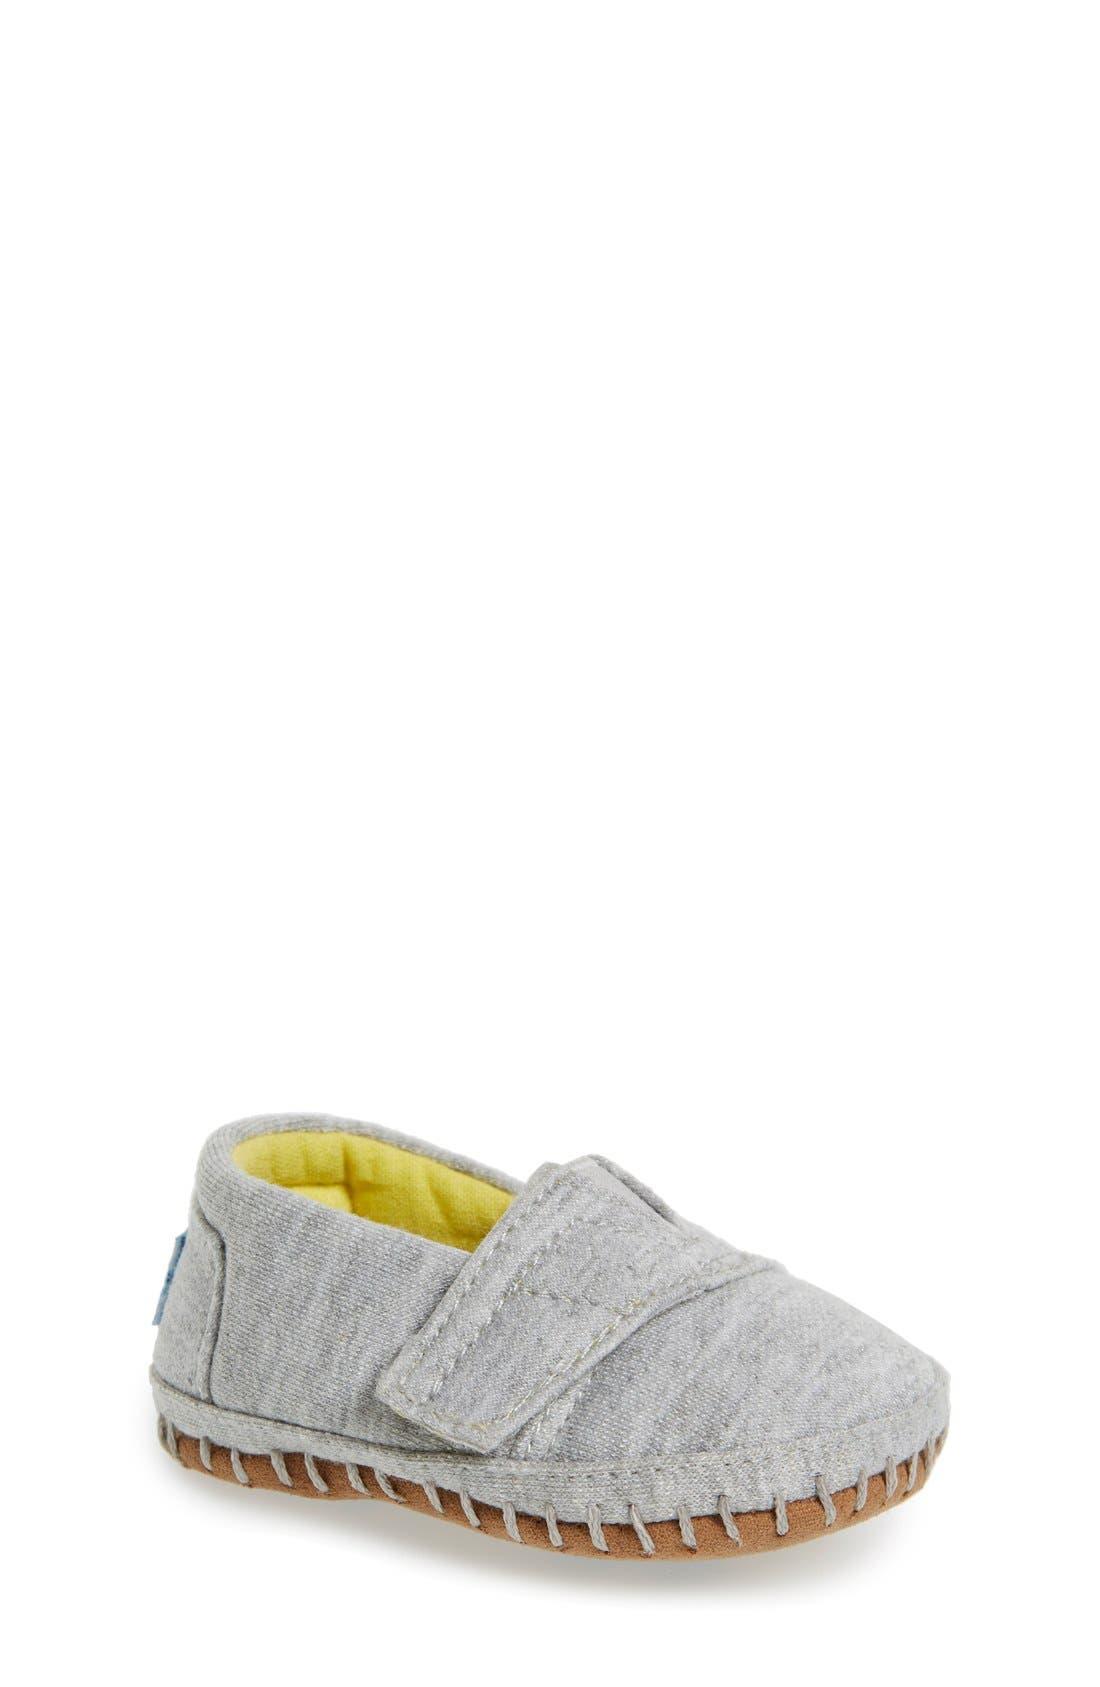 Alpargata Chambray Crib Shoe,                             Main thumbnail 1, color,                             Grey